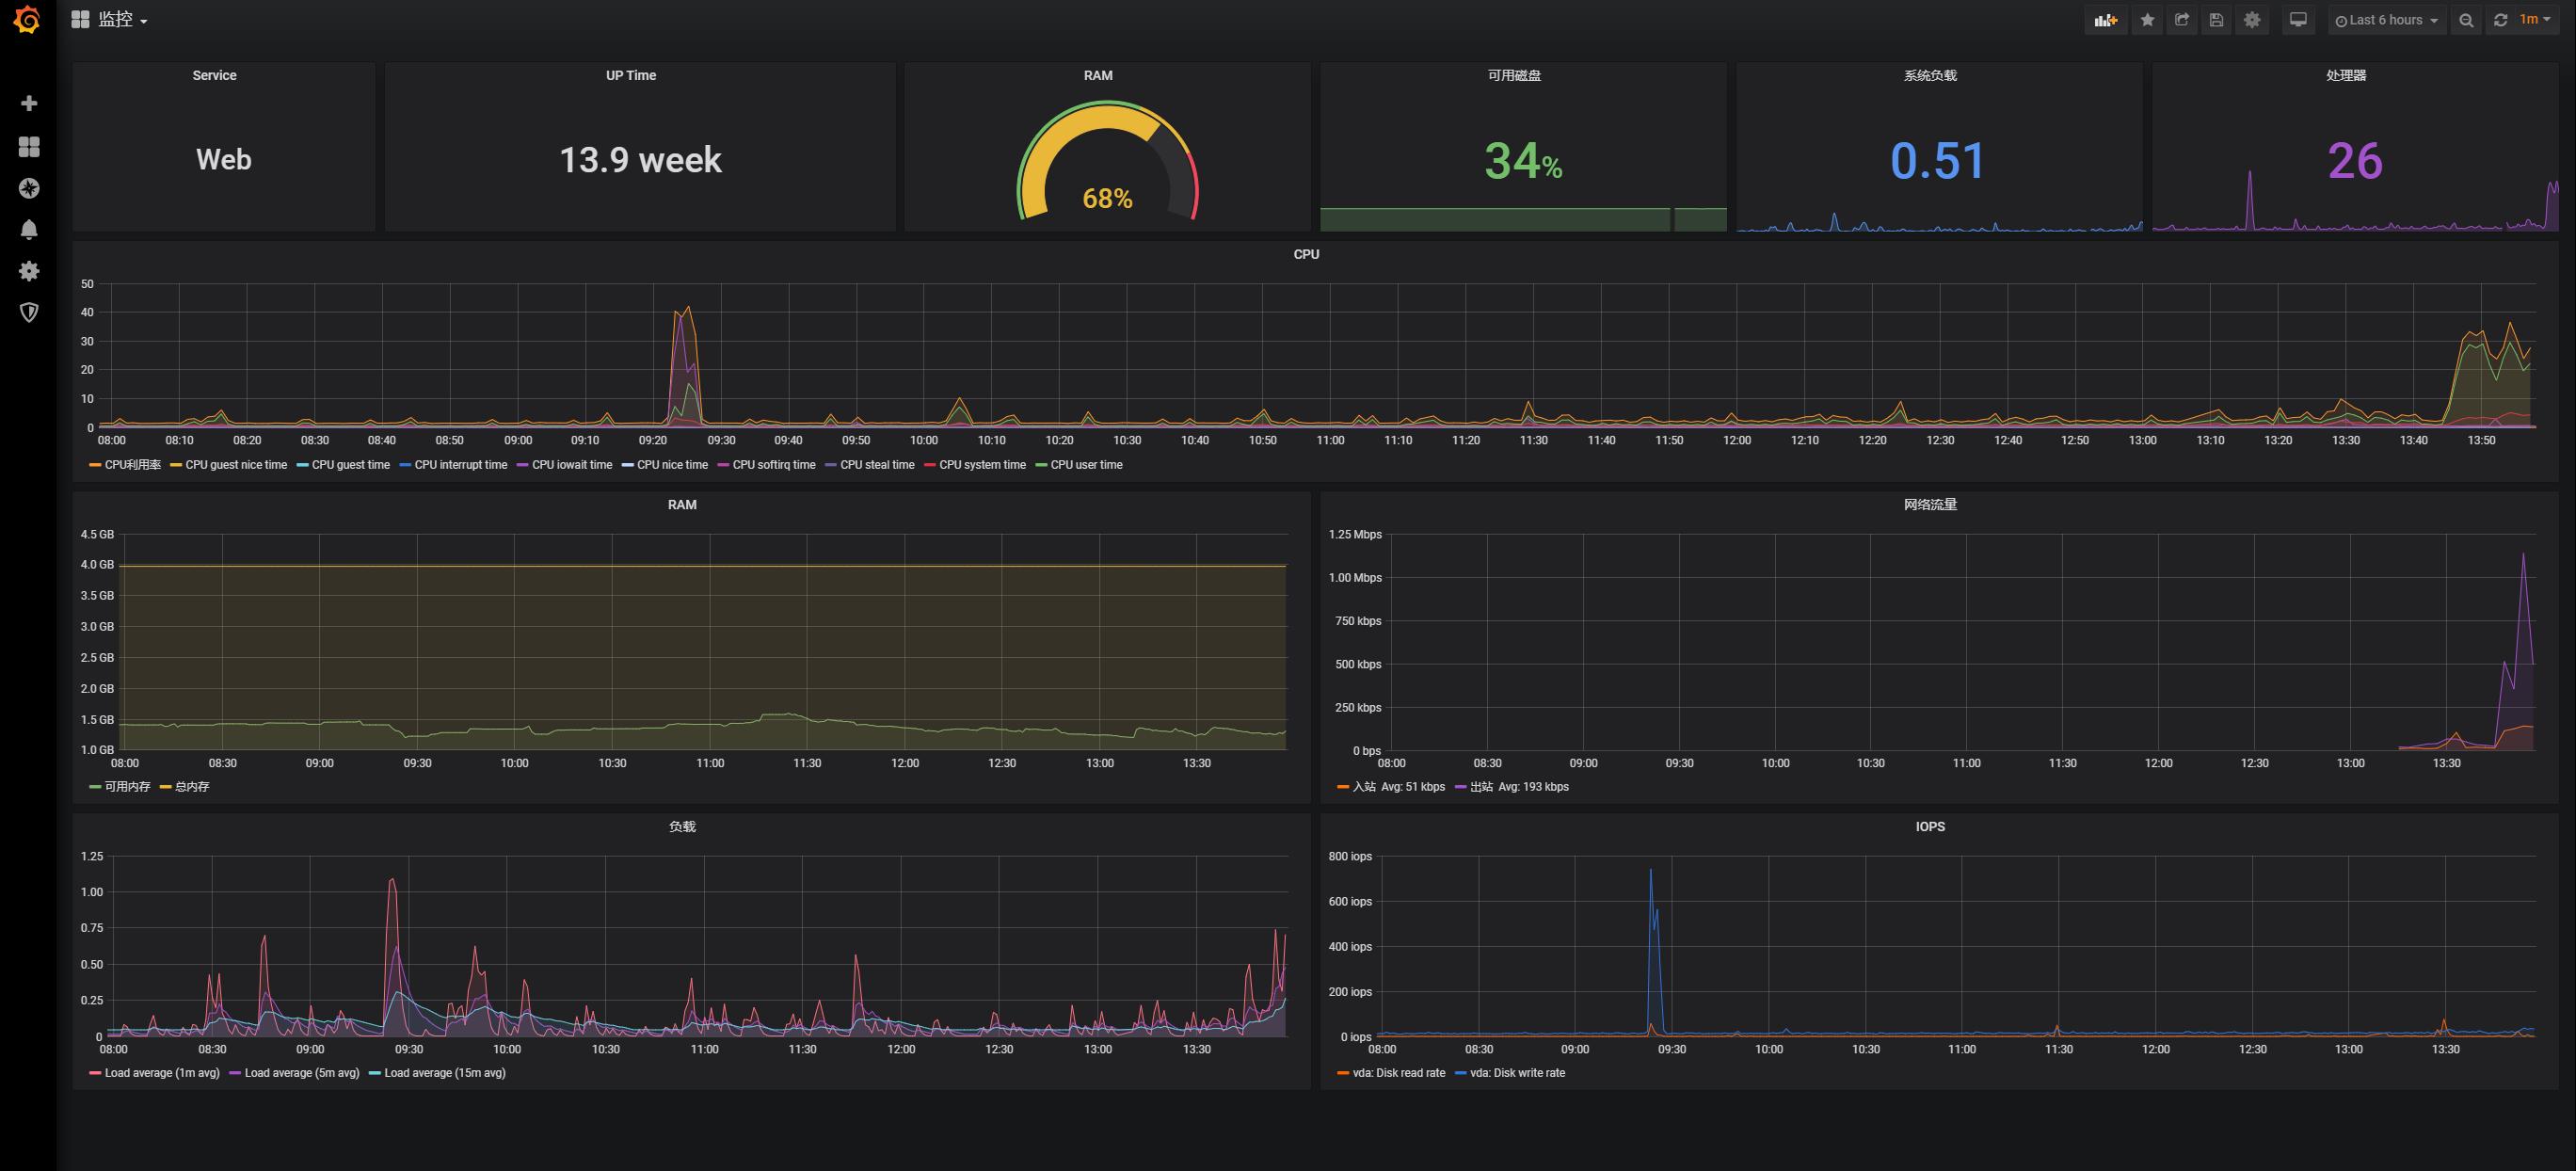 [一个运维的快乐]Grafana+Zabbix服务器监控搭建